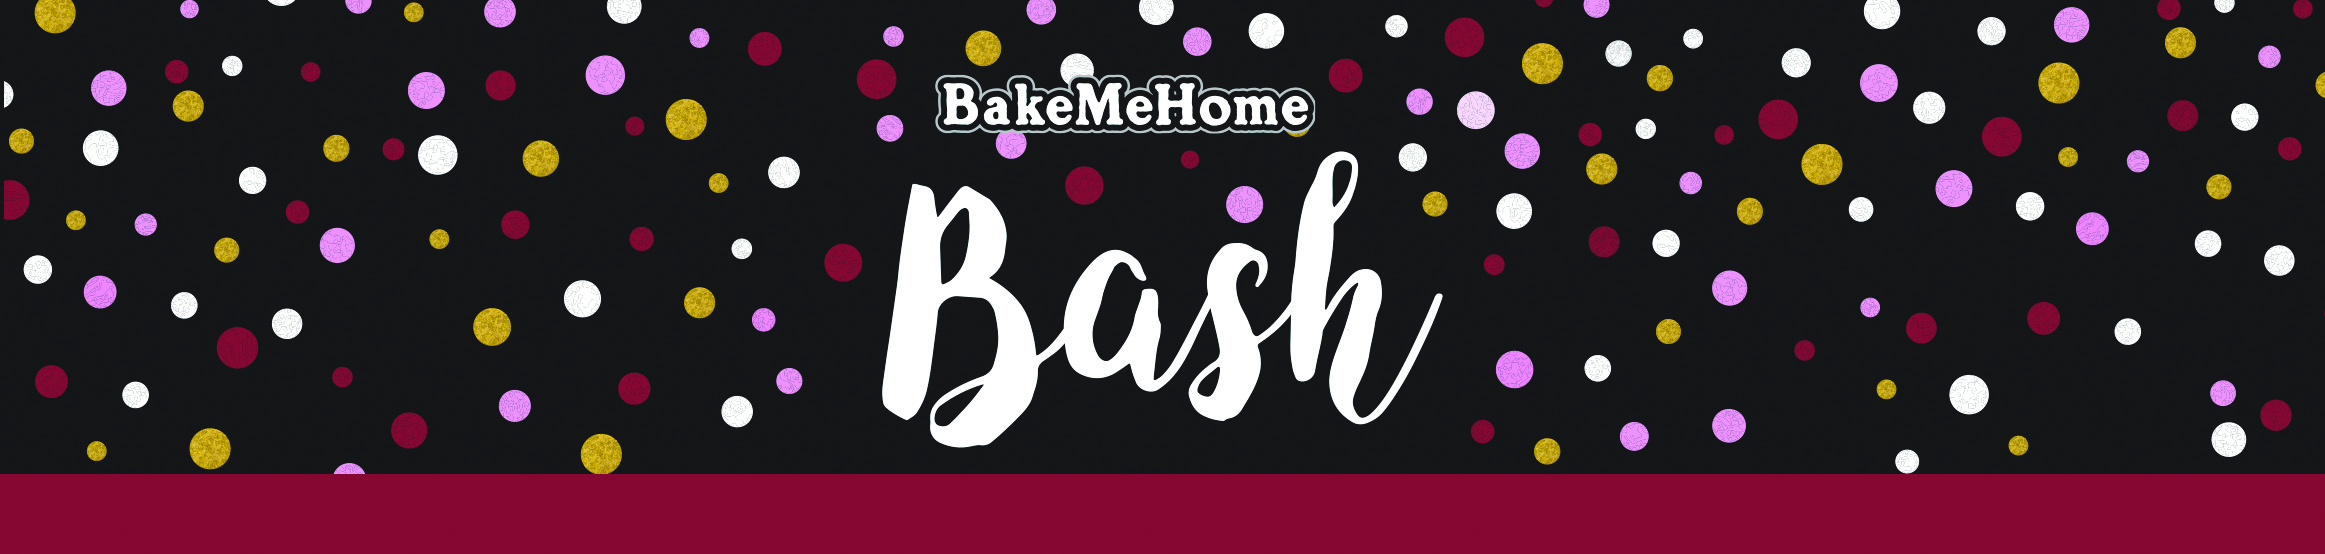 Bash-2021-banner